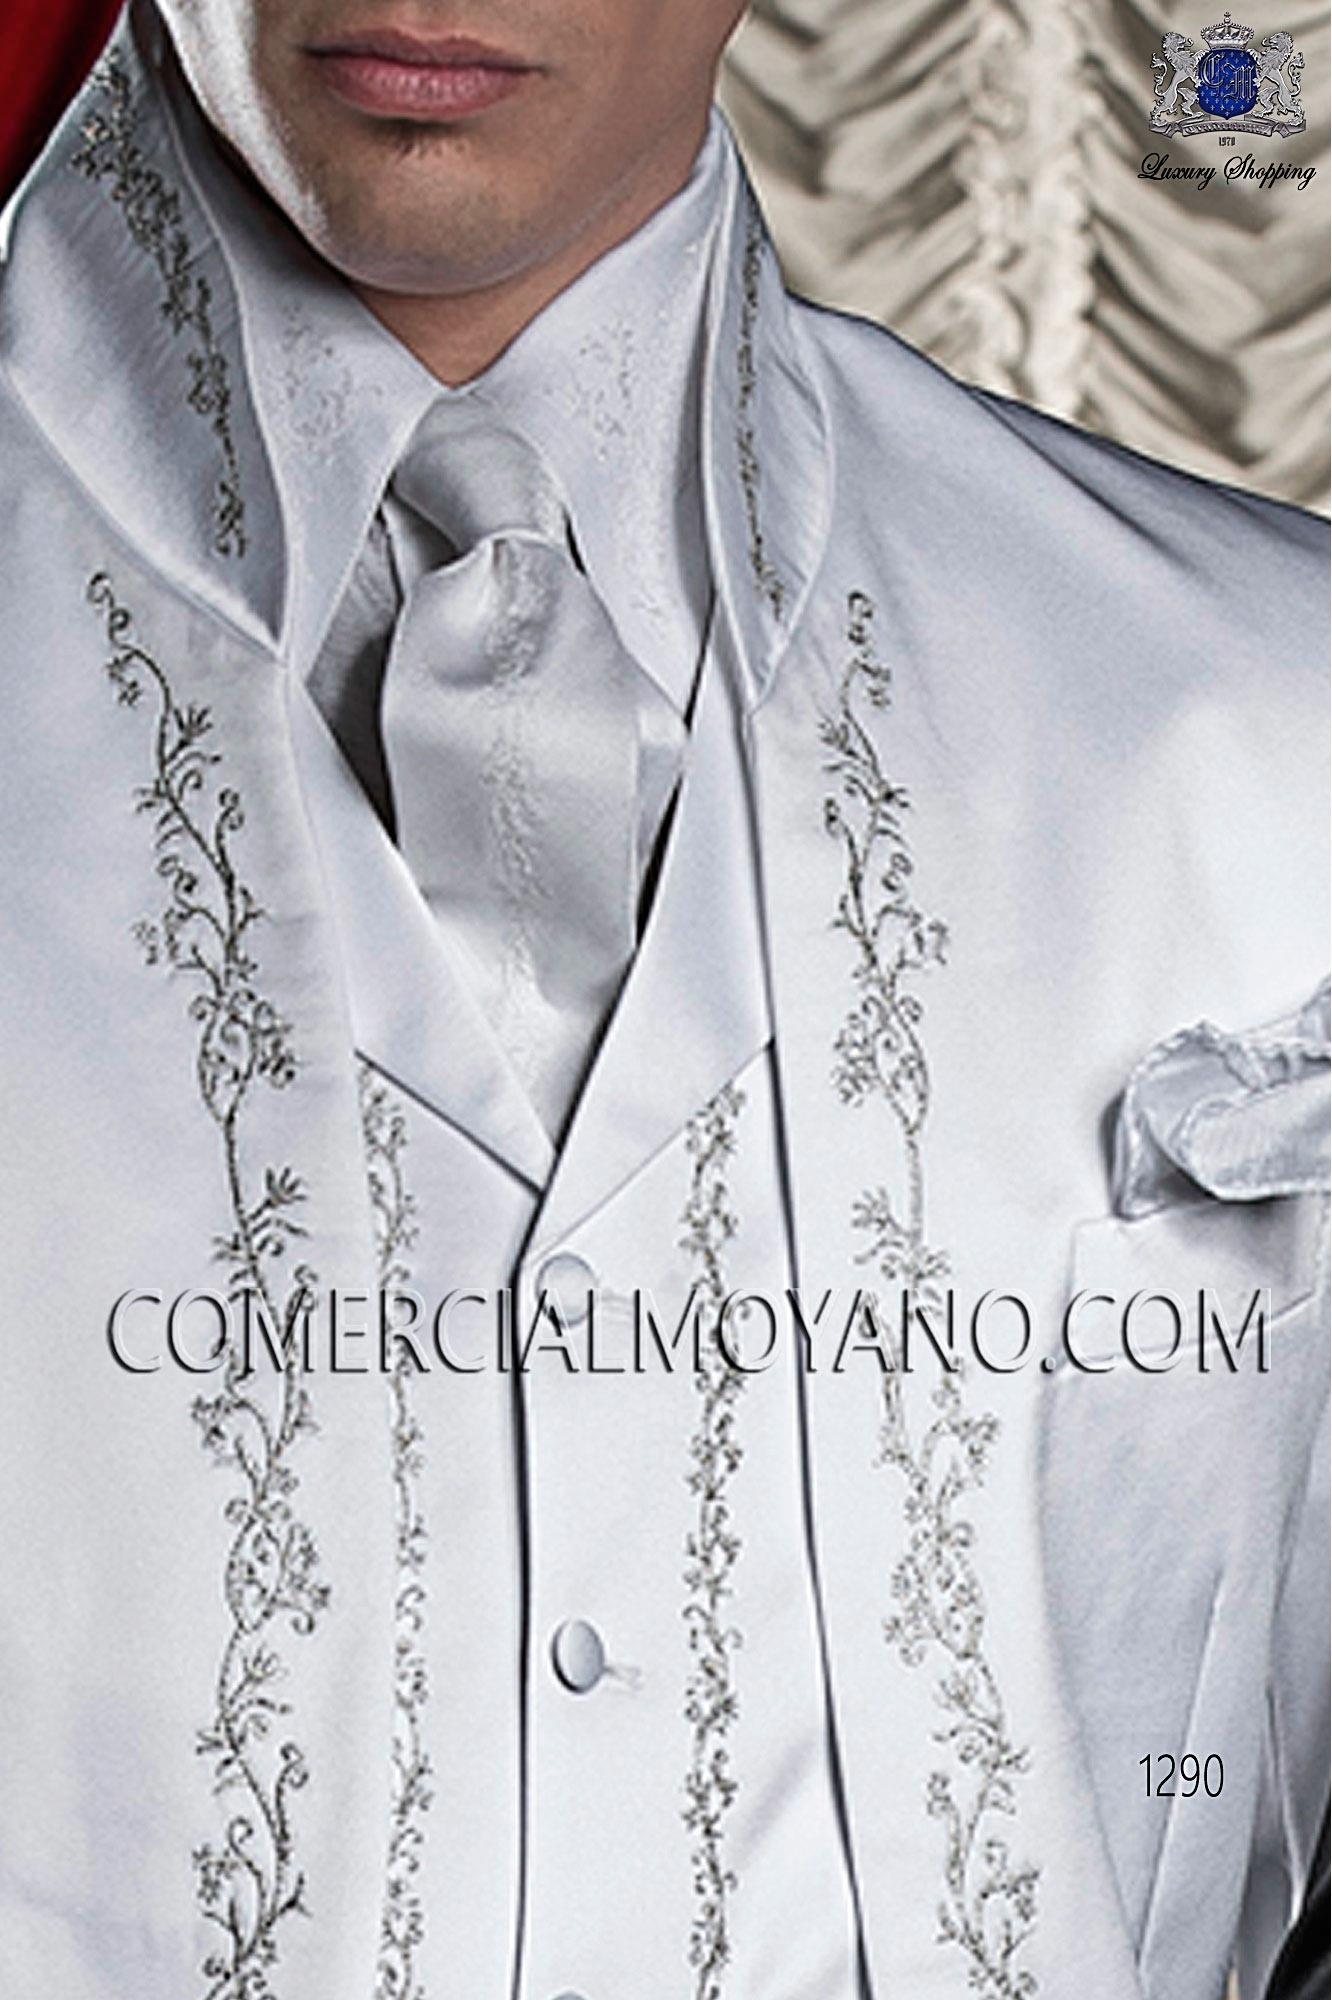 Traje barroco de novio blanco modelo: 1290 Ottavio Nuccio Gala colección Barroco